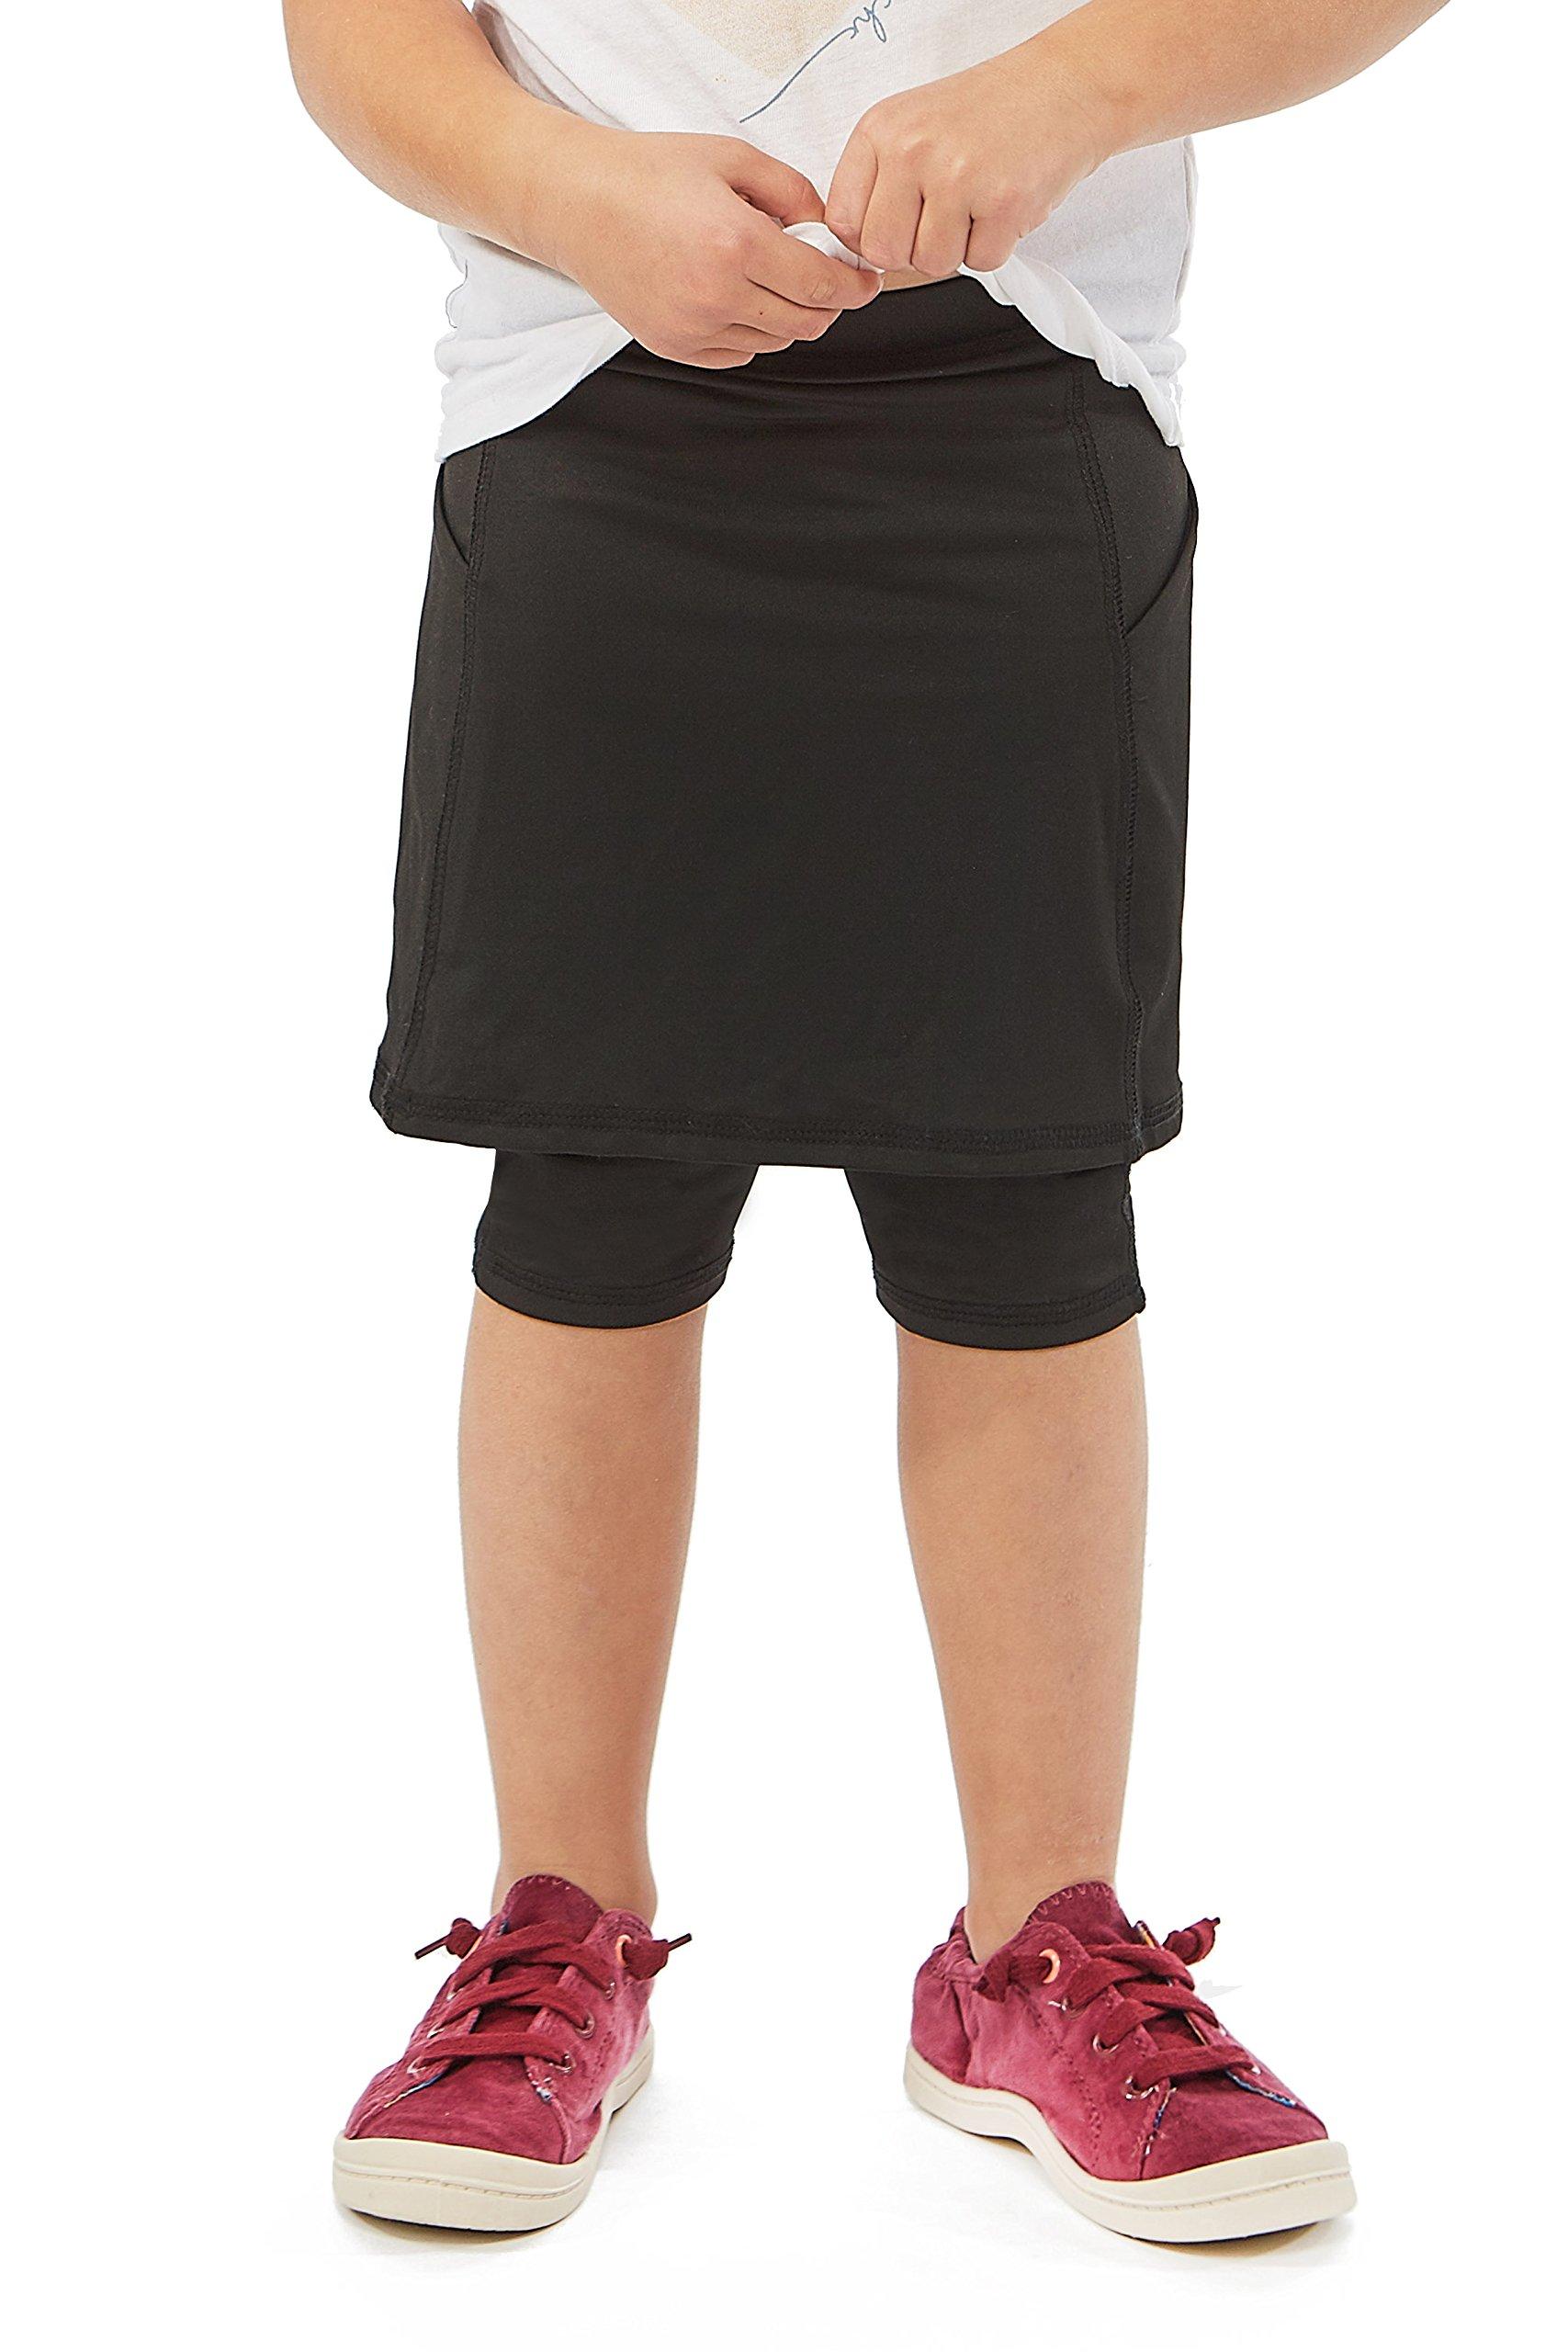 Kids Fit Snoga Active Skirt with Capri Leggings in Black - Girls 12